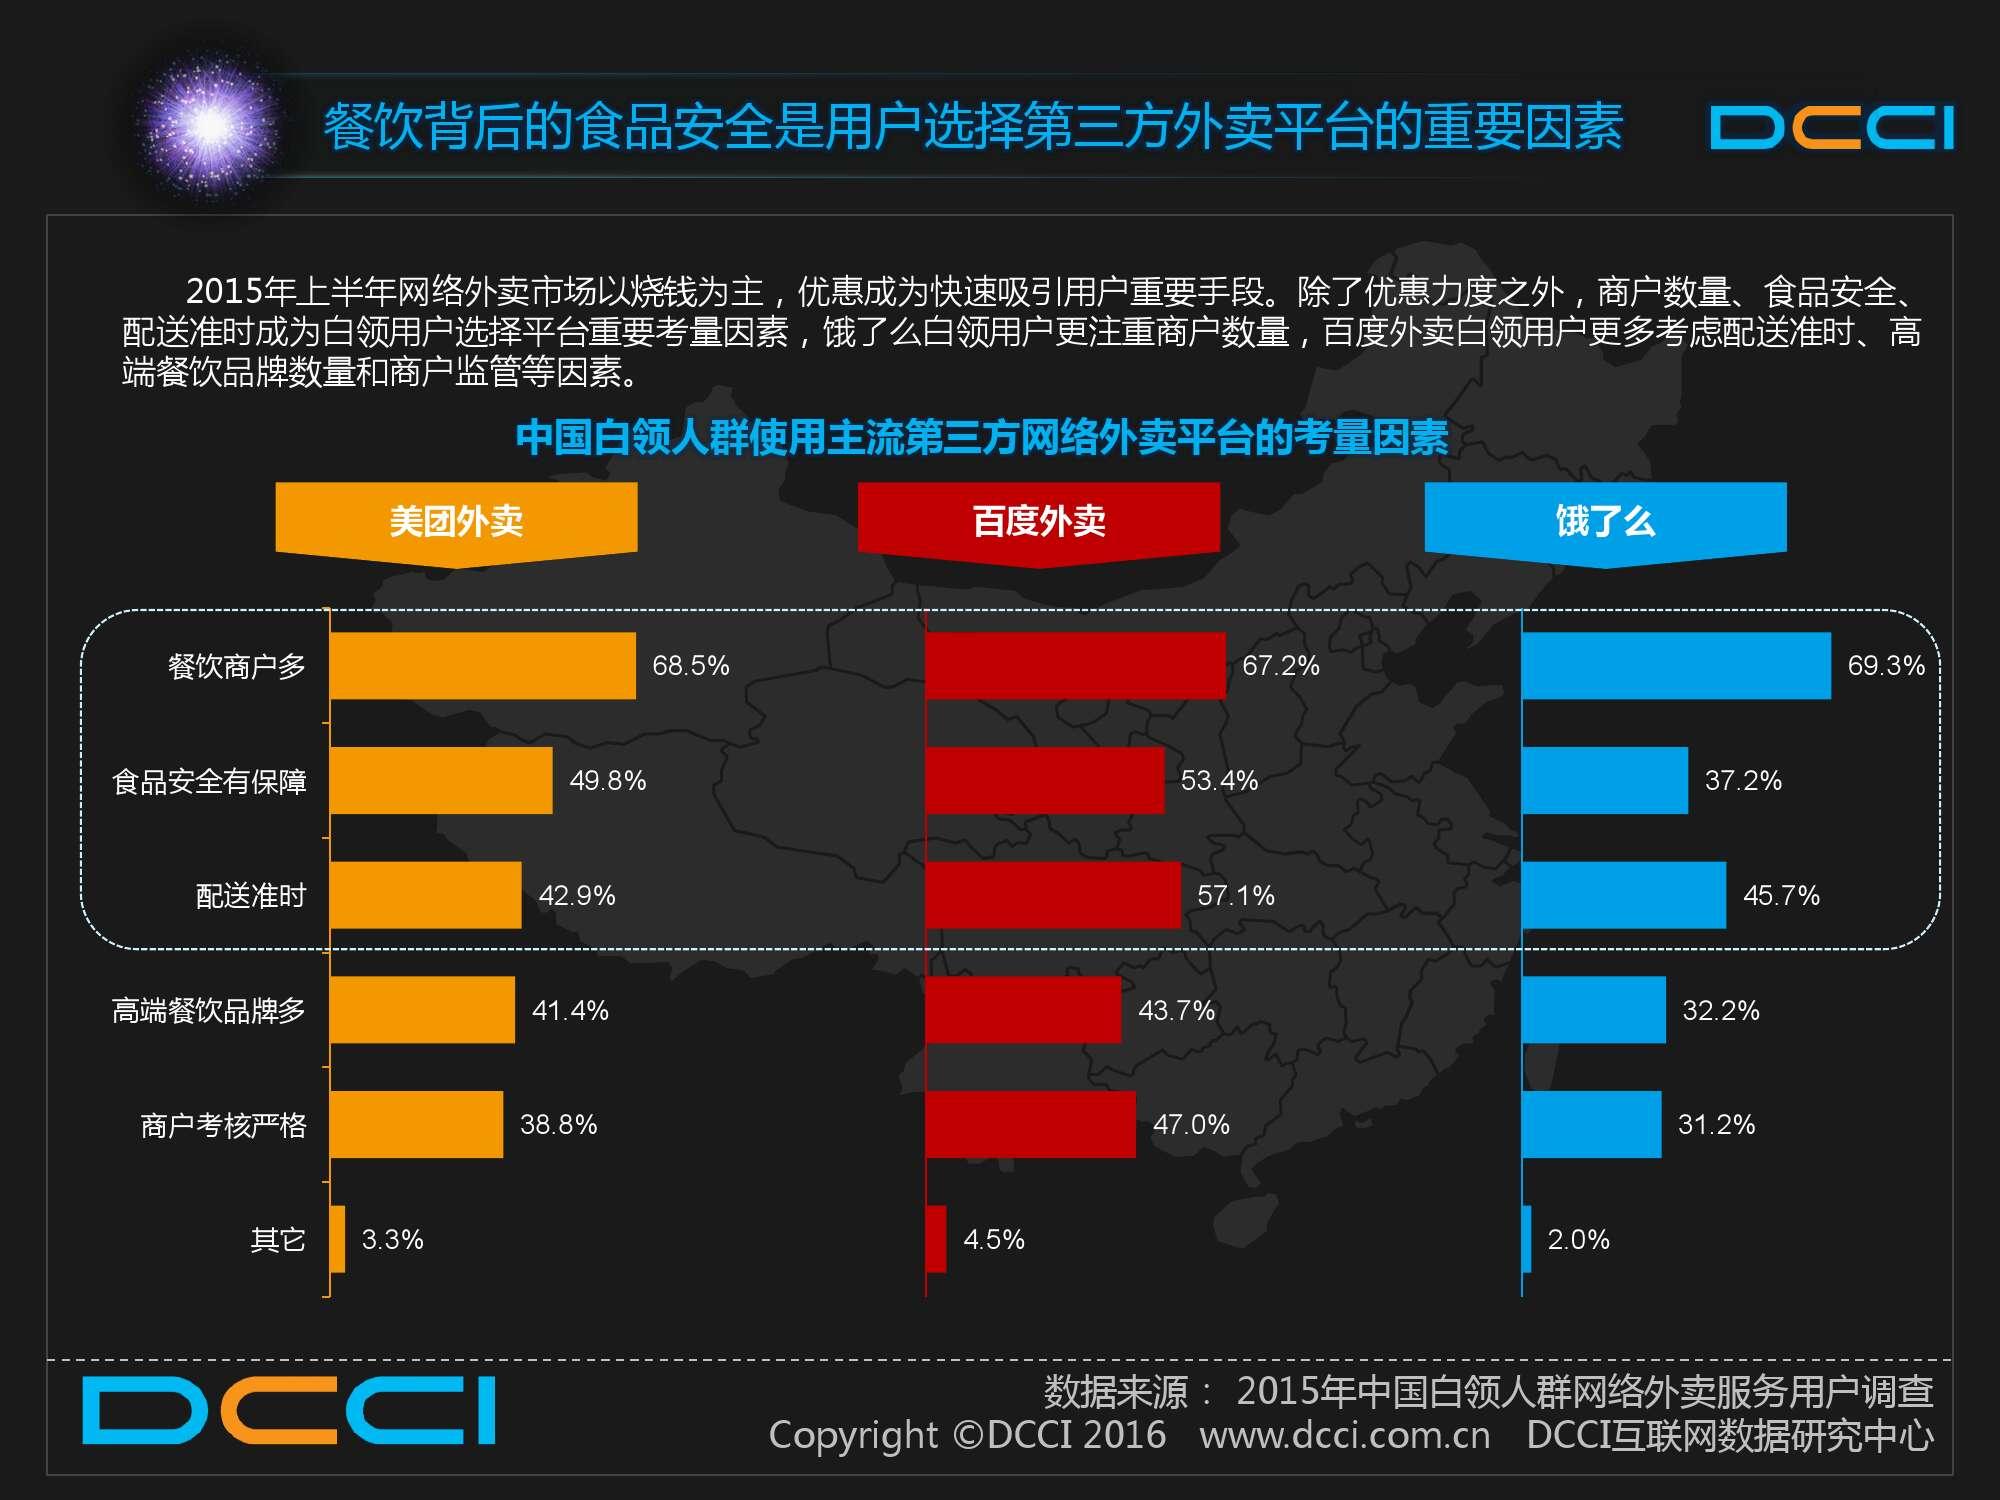 2015中国白领人群网络外卖服务研究报告_000016